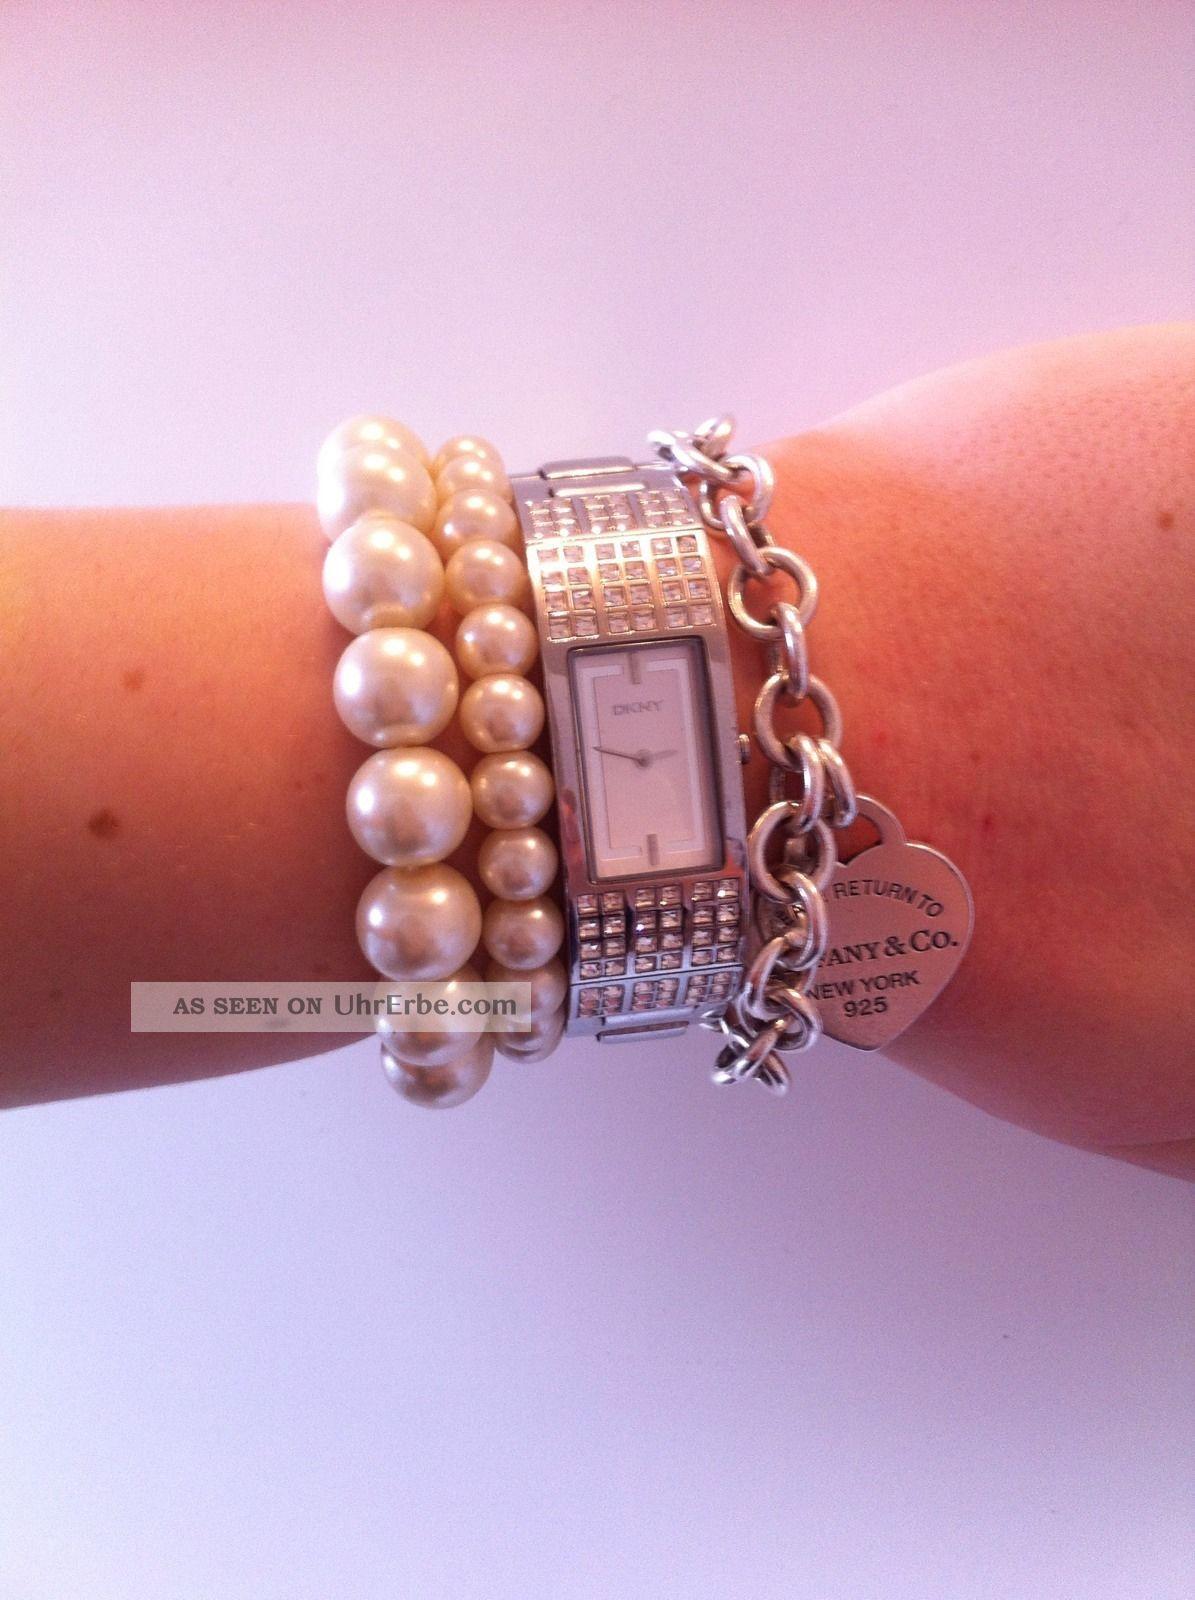 Dkny Uhr Damenuhr Steinchen Swarovski Silber Stanless Steel Armbanduhren Bild